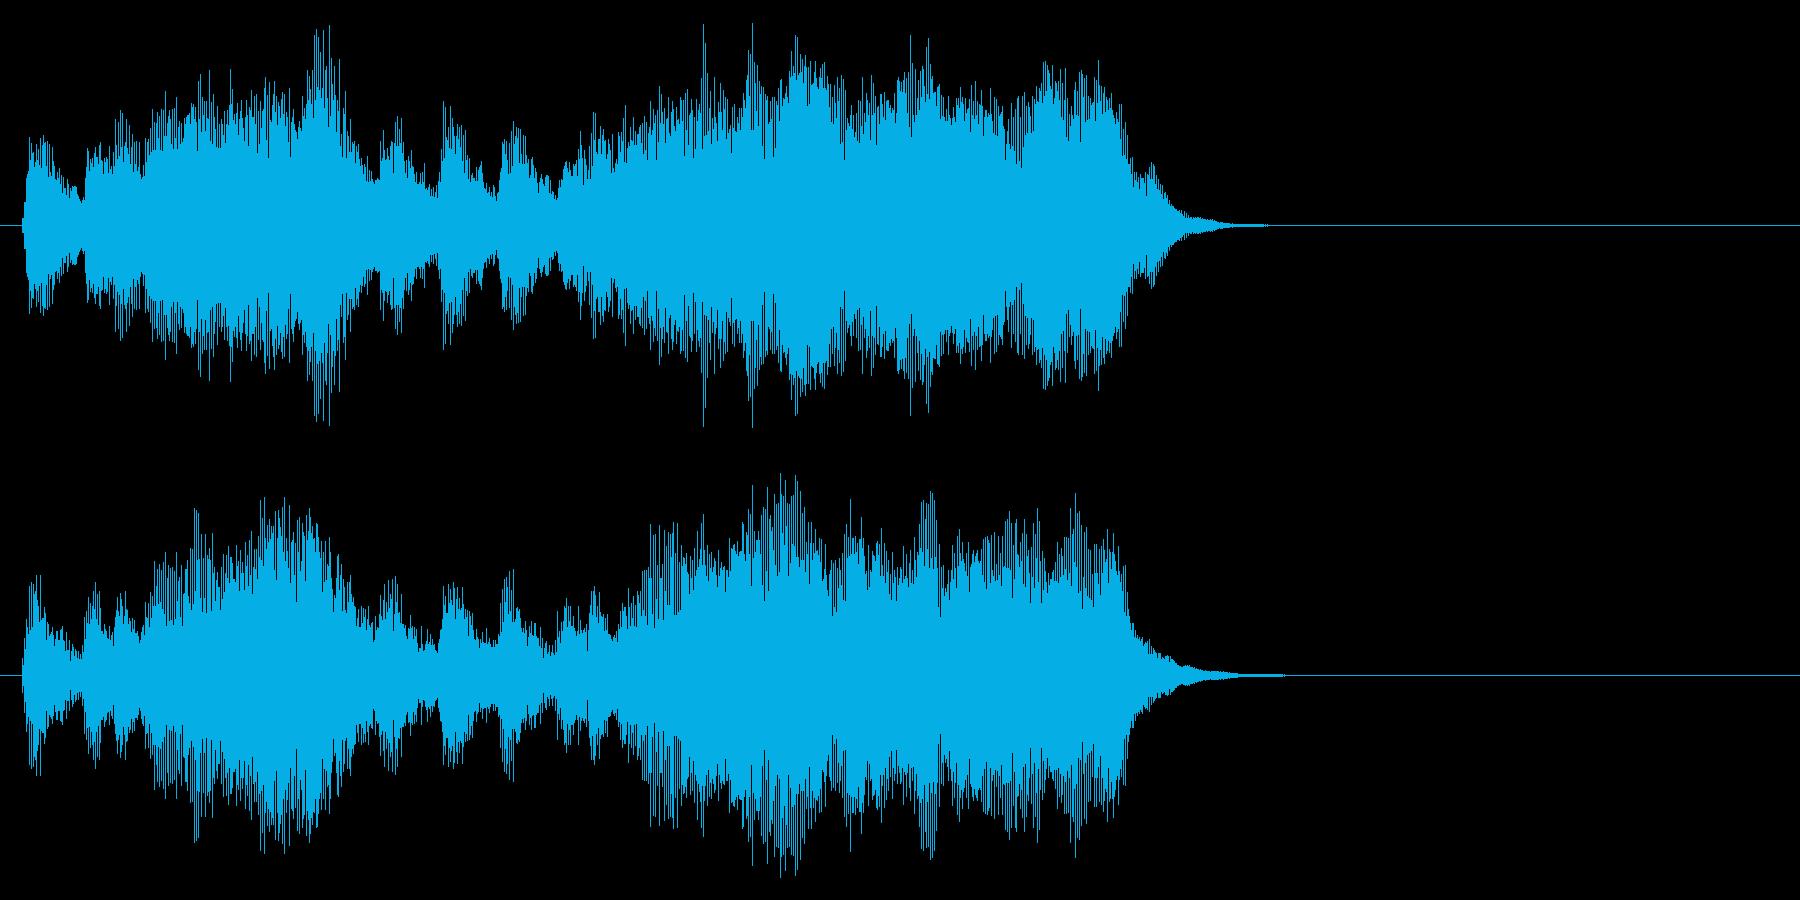 汎用09 パンパカパーン(Long)の再生済みの波形